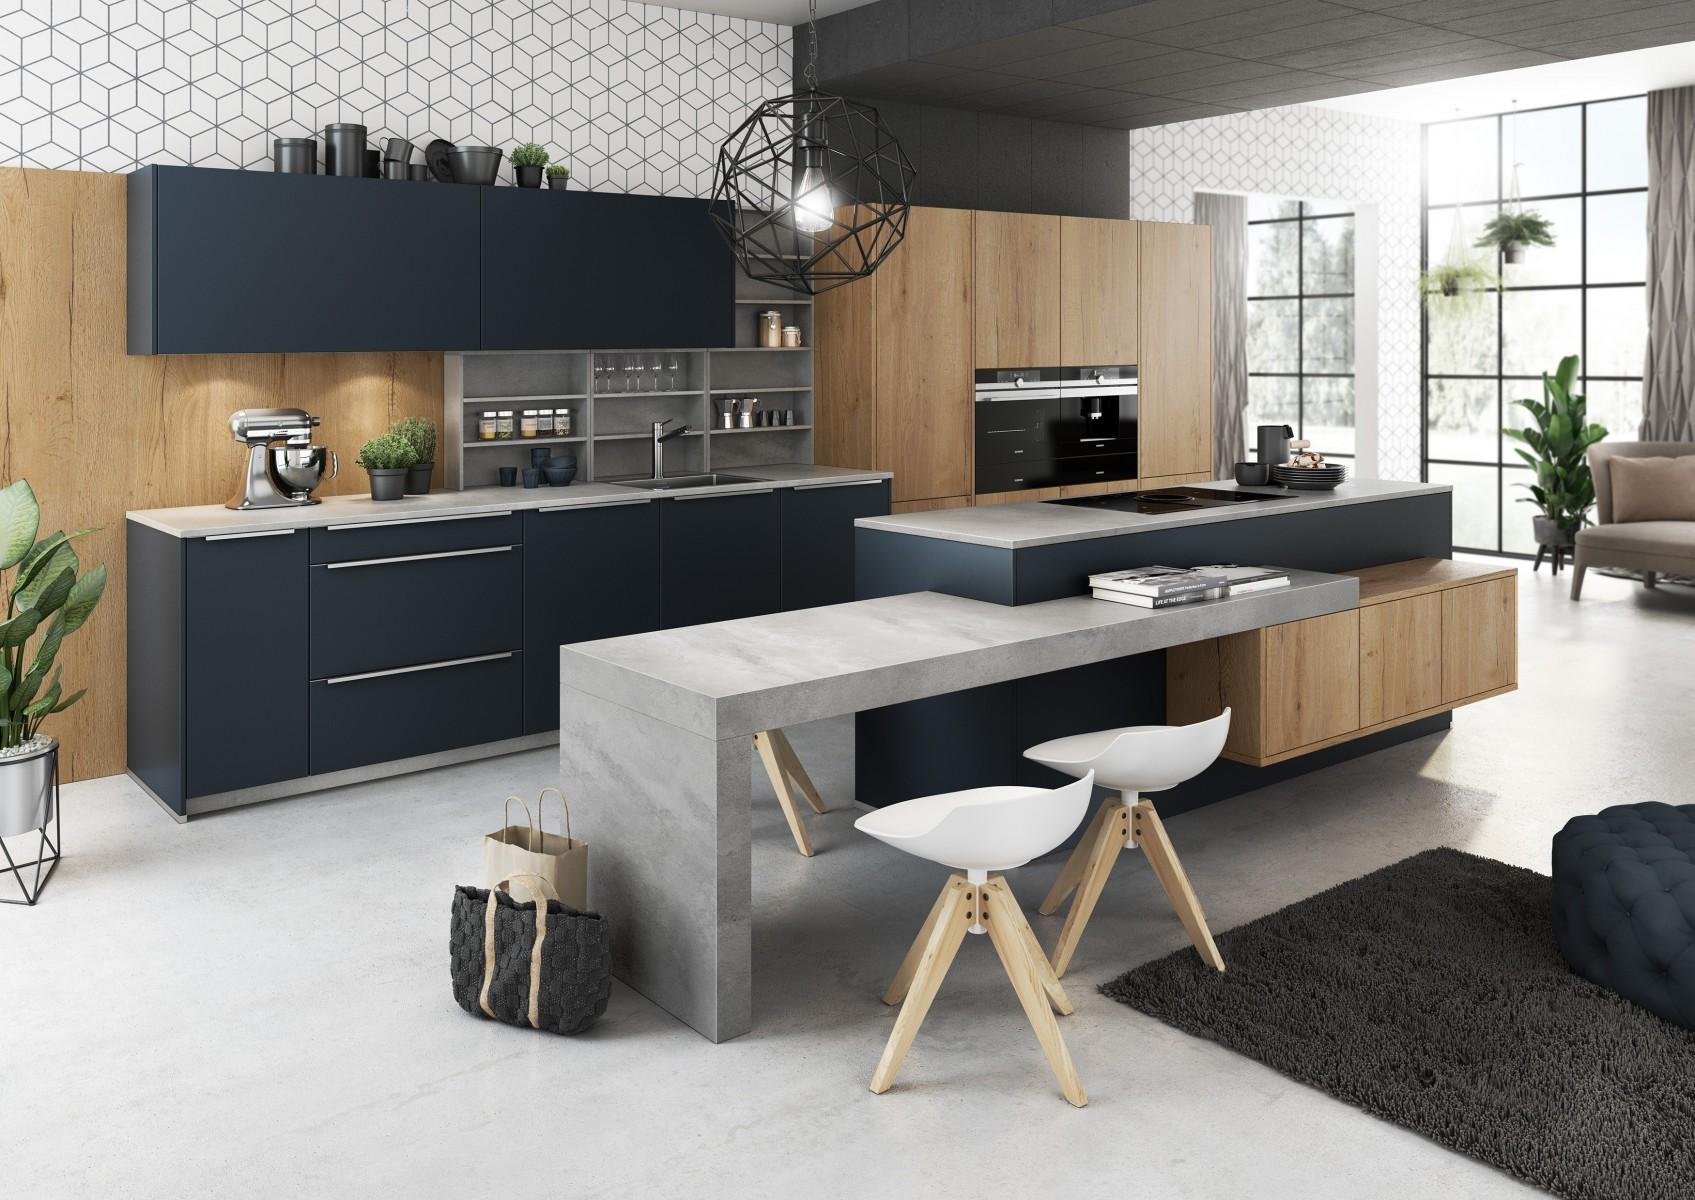 Full Size of Was Kostet Eine Küche Bei Küchen Quelle Was Kostet Eine Küche Vom Tischler Was Kostet Eine Küche Mit Geräten Was Kostet Eine Küche Pro Meter Küche Was Kostet Eine Küche